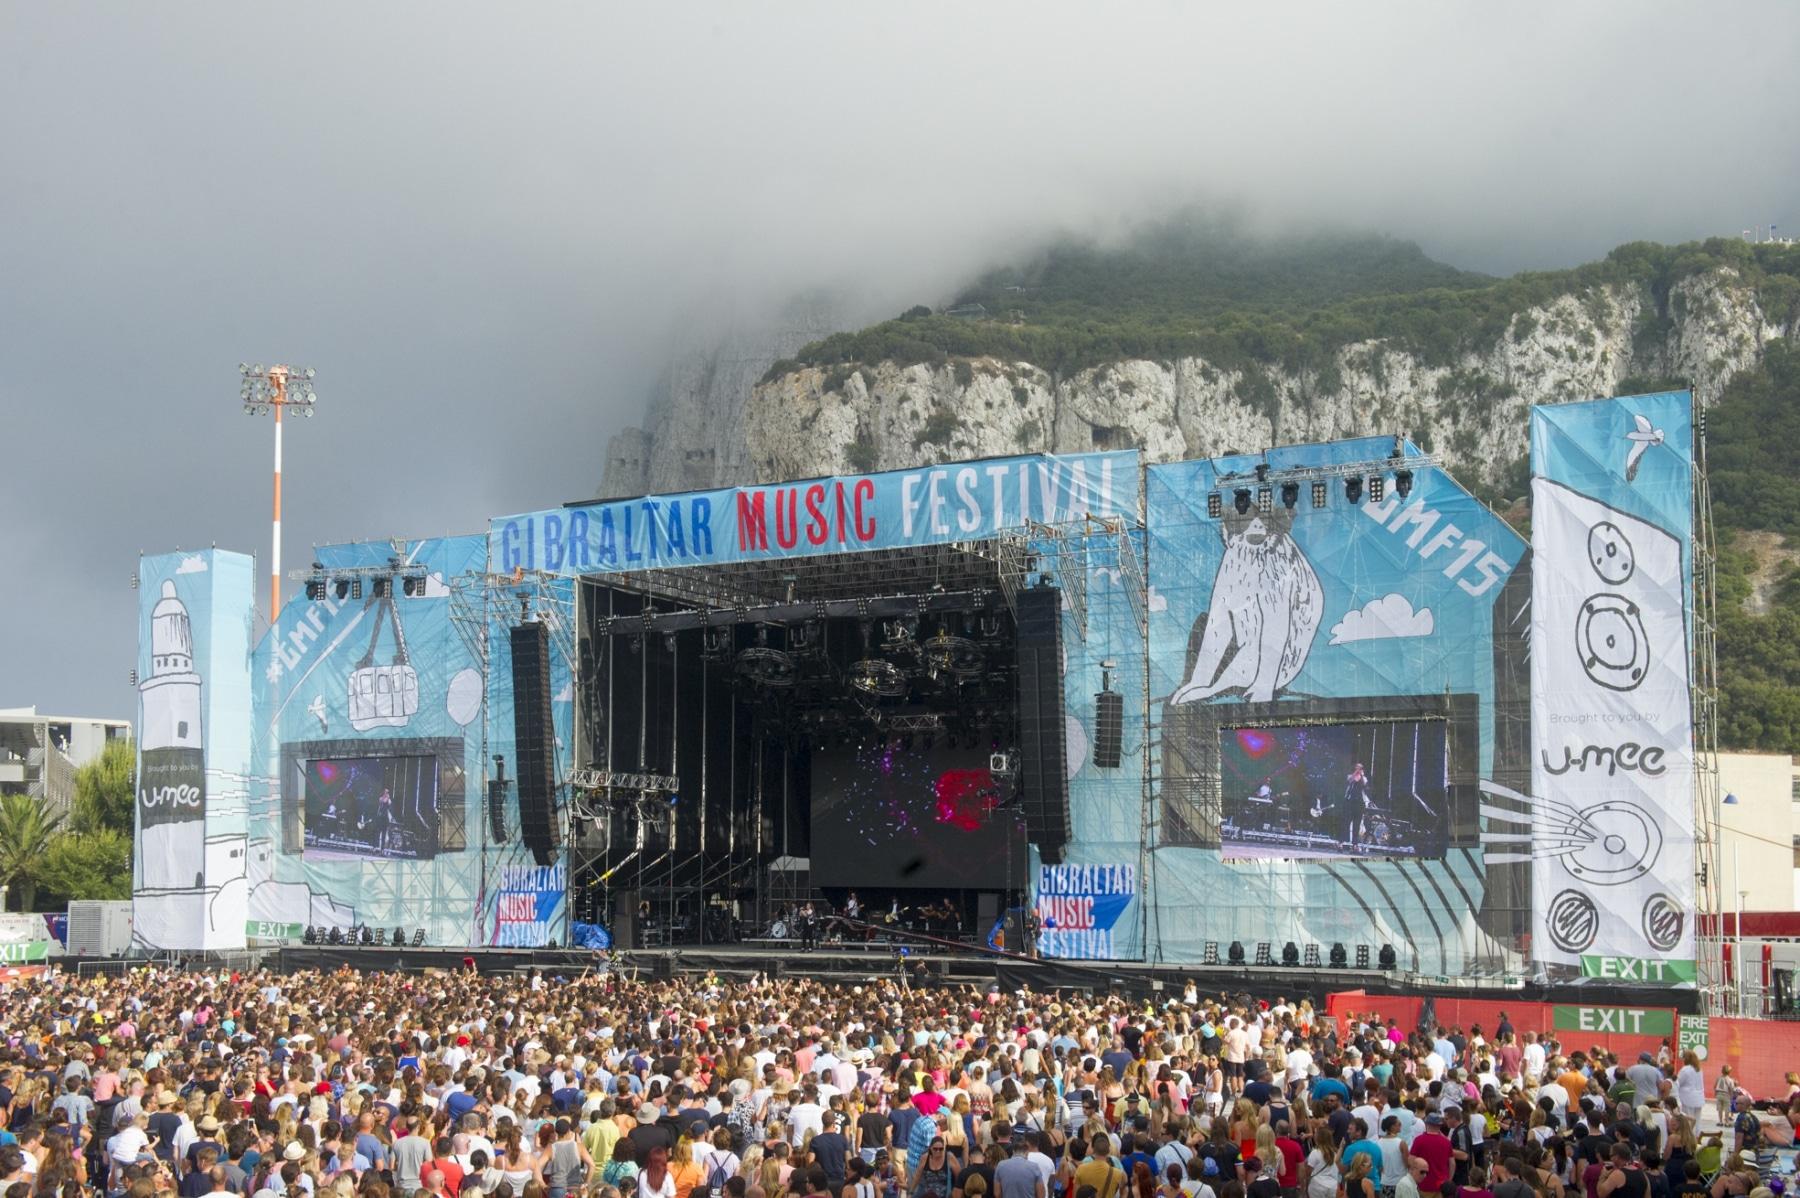 6-septiembre-2015-gibraltar-music-festival-2015-iii61_21216422055_o